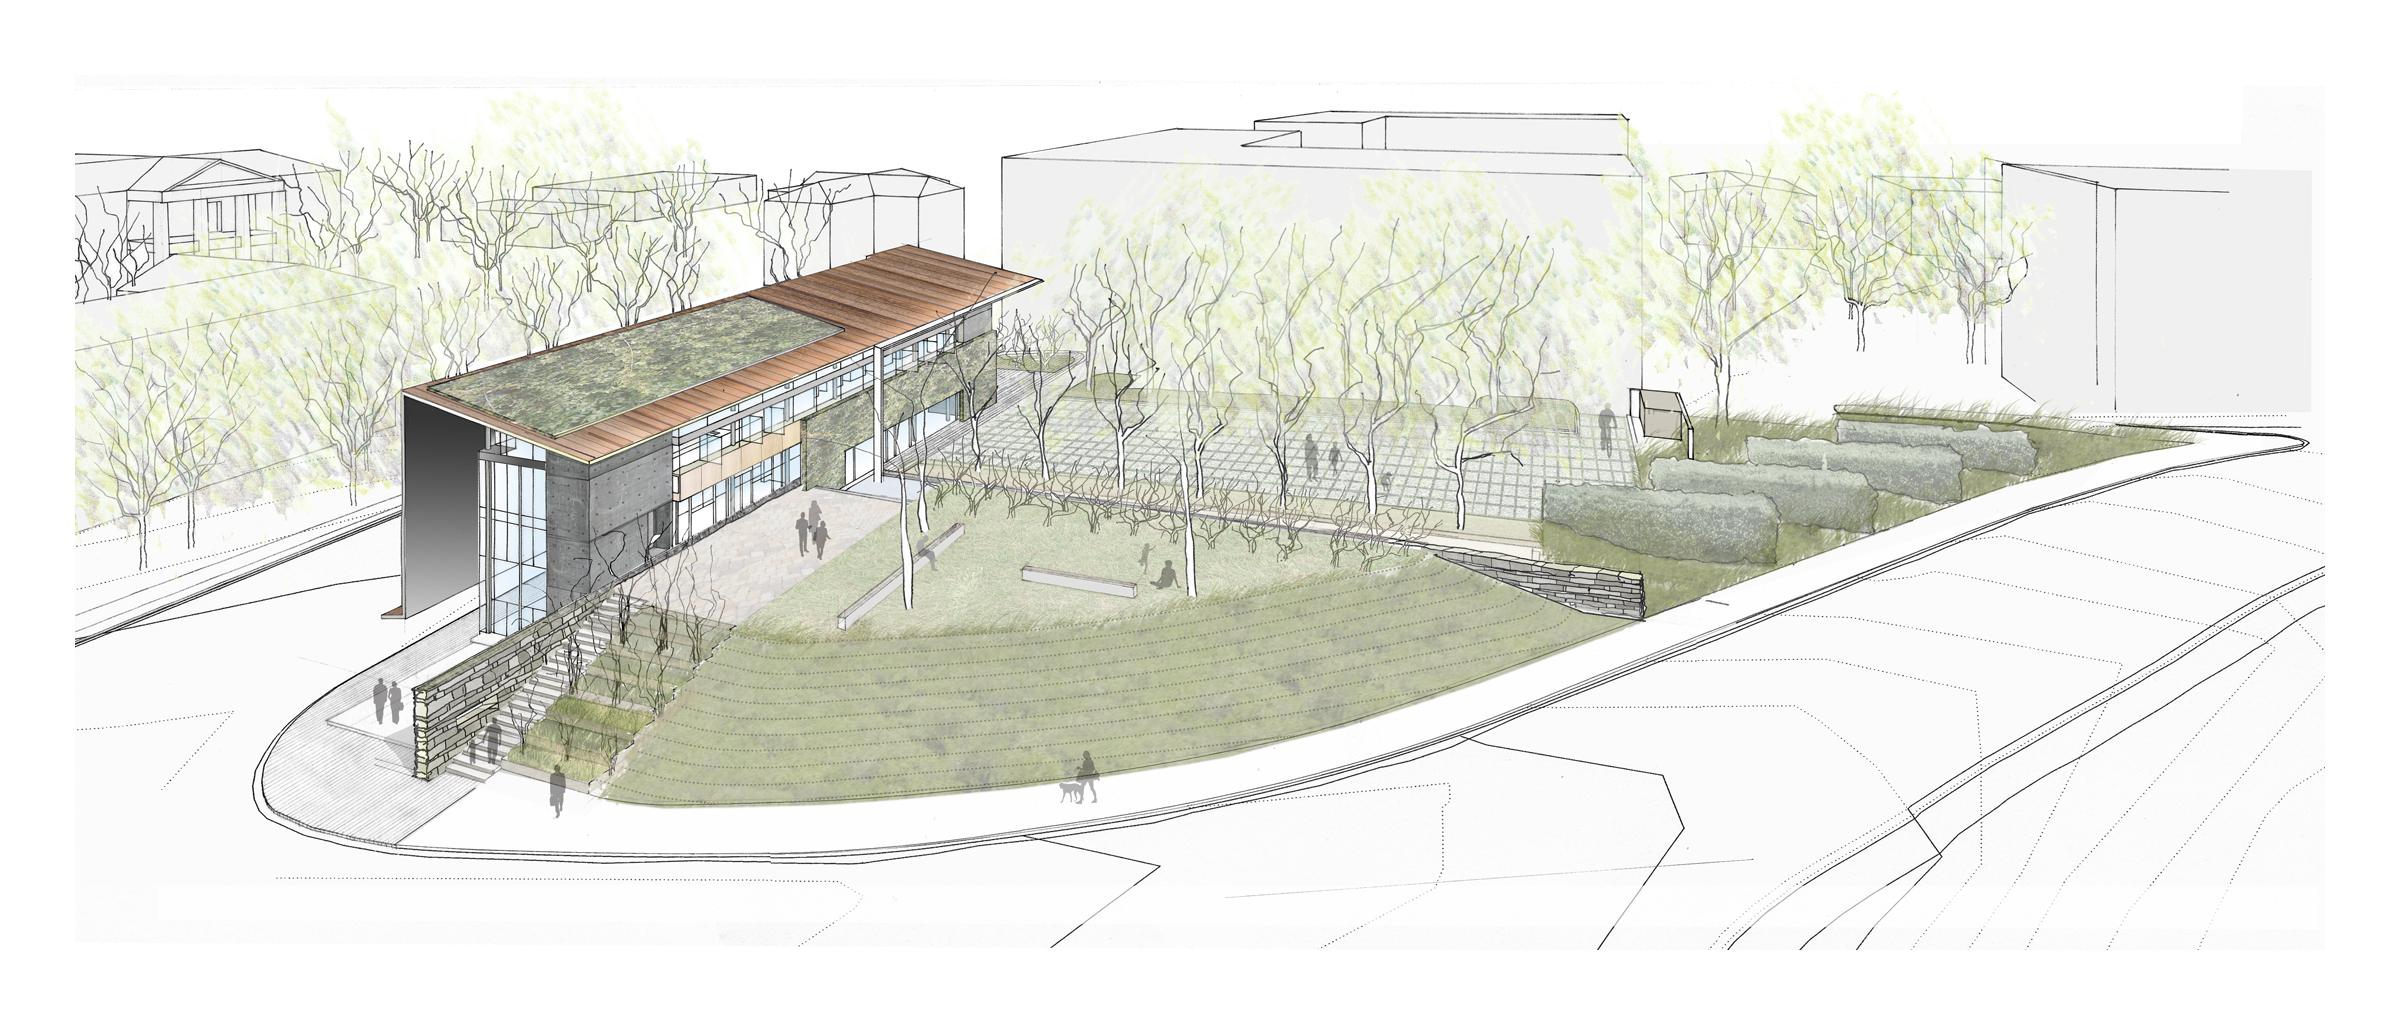 AIA NC Center for Architecture & Design, Frank Harmon Architect